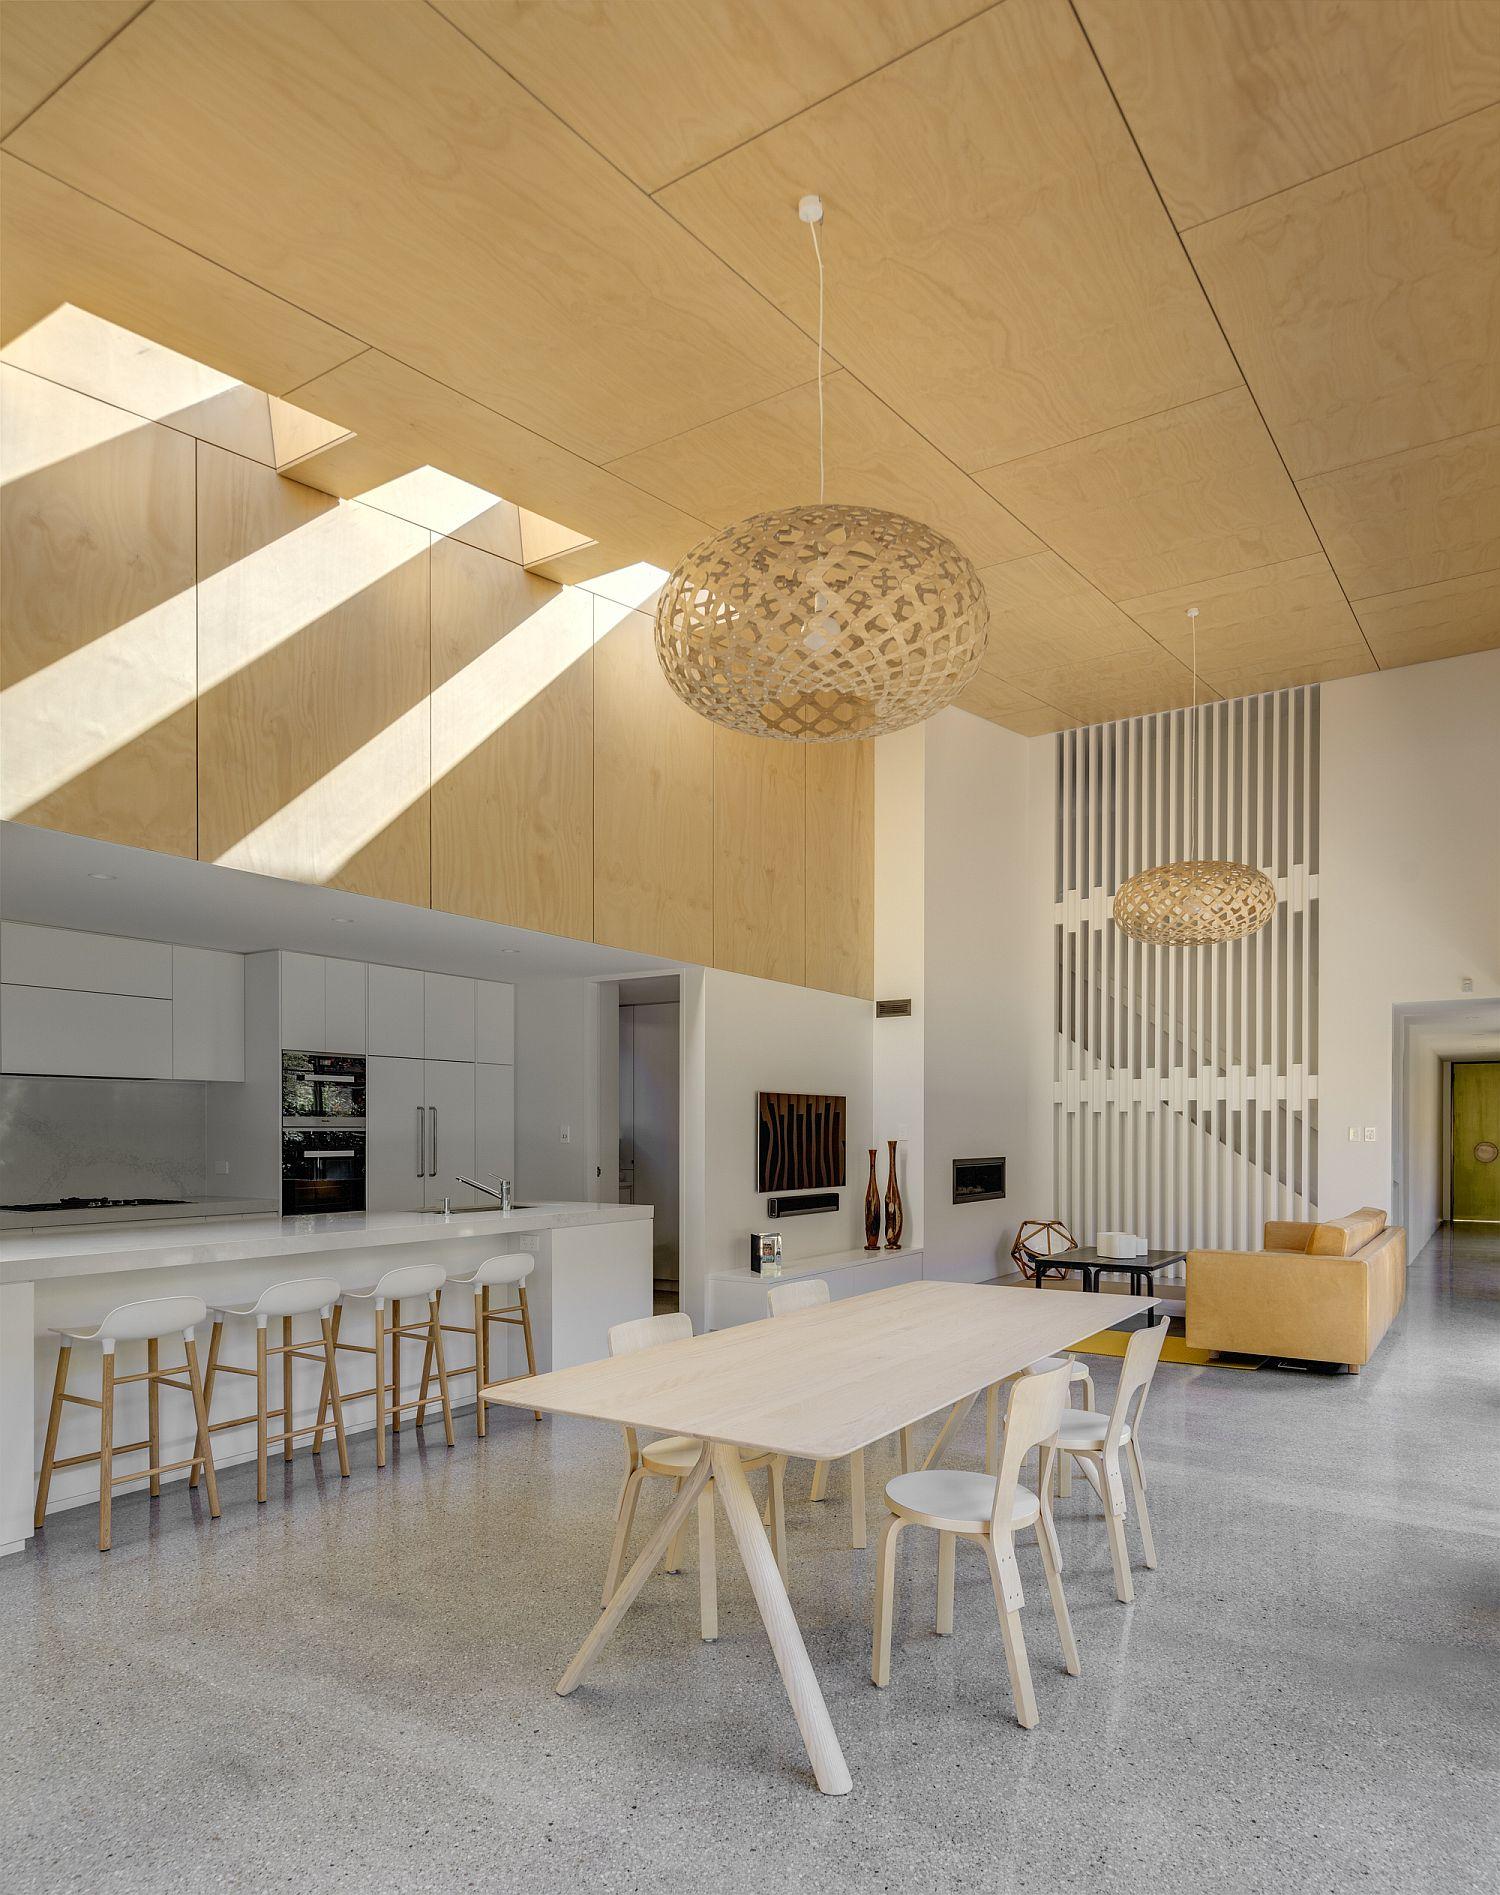 Smart-use-of-skylights-to-illuminate-the-kitchen